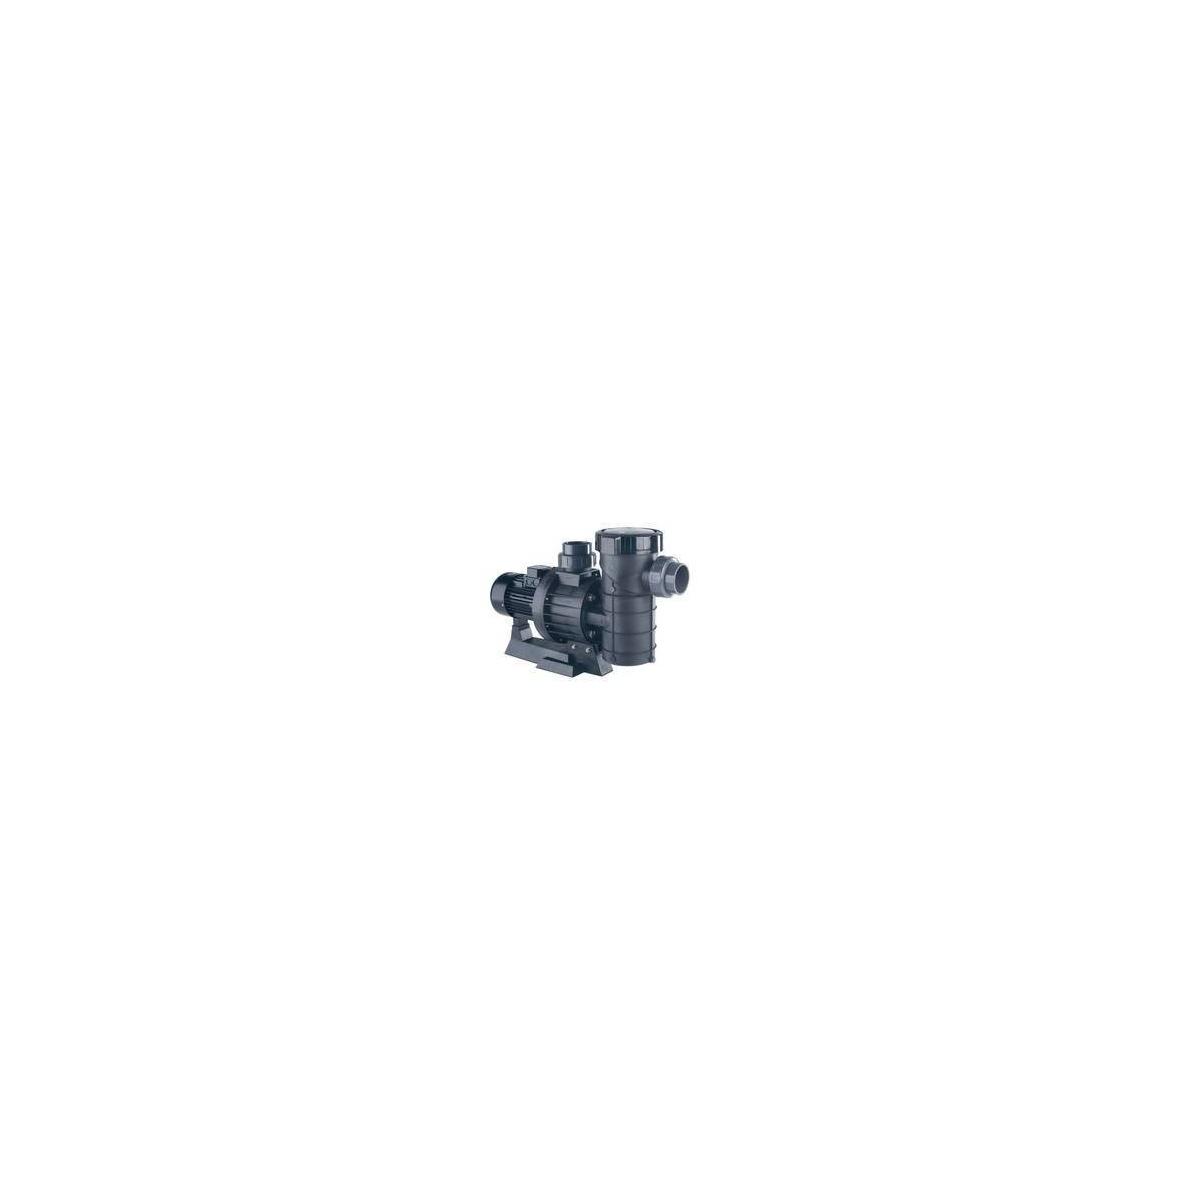 Bomba Maxim 2860 r.p.m. 3,5 CV